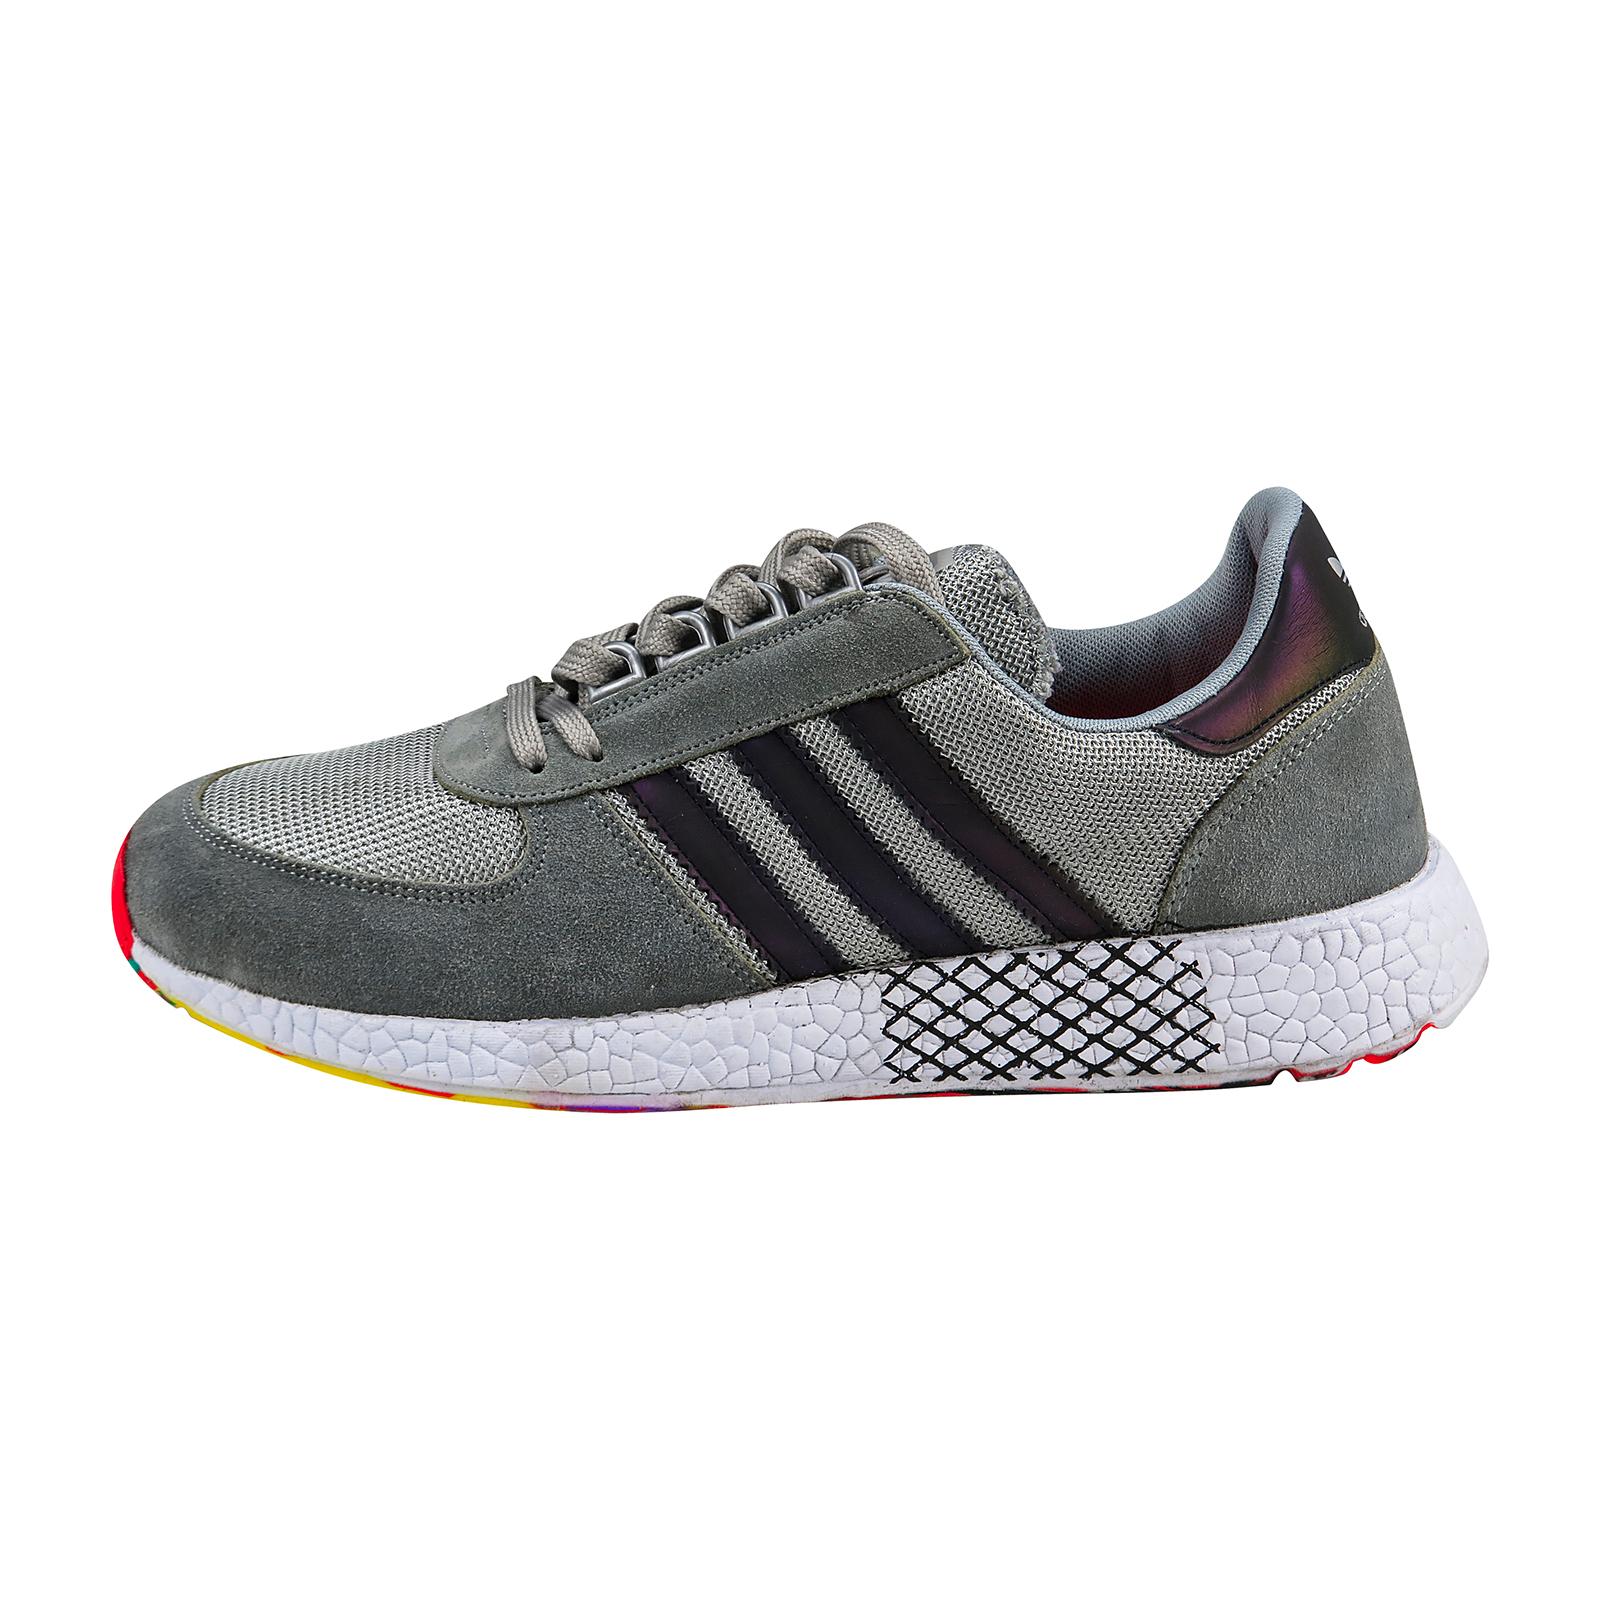 کفش راحتی مردانه مدل استریپ کد 2